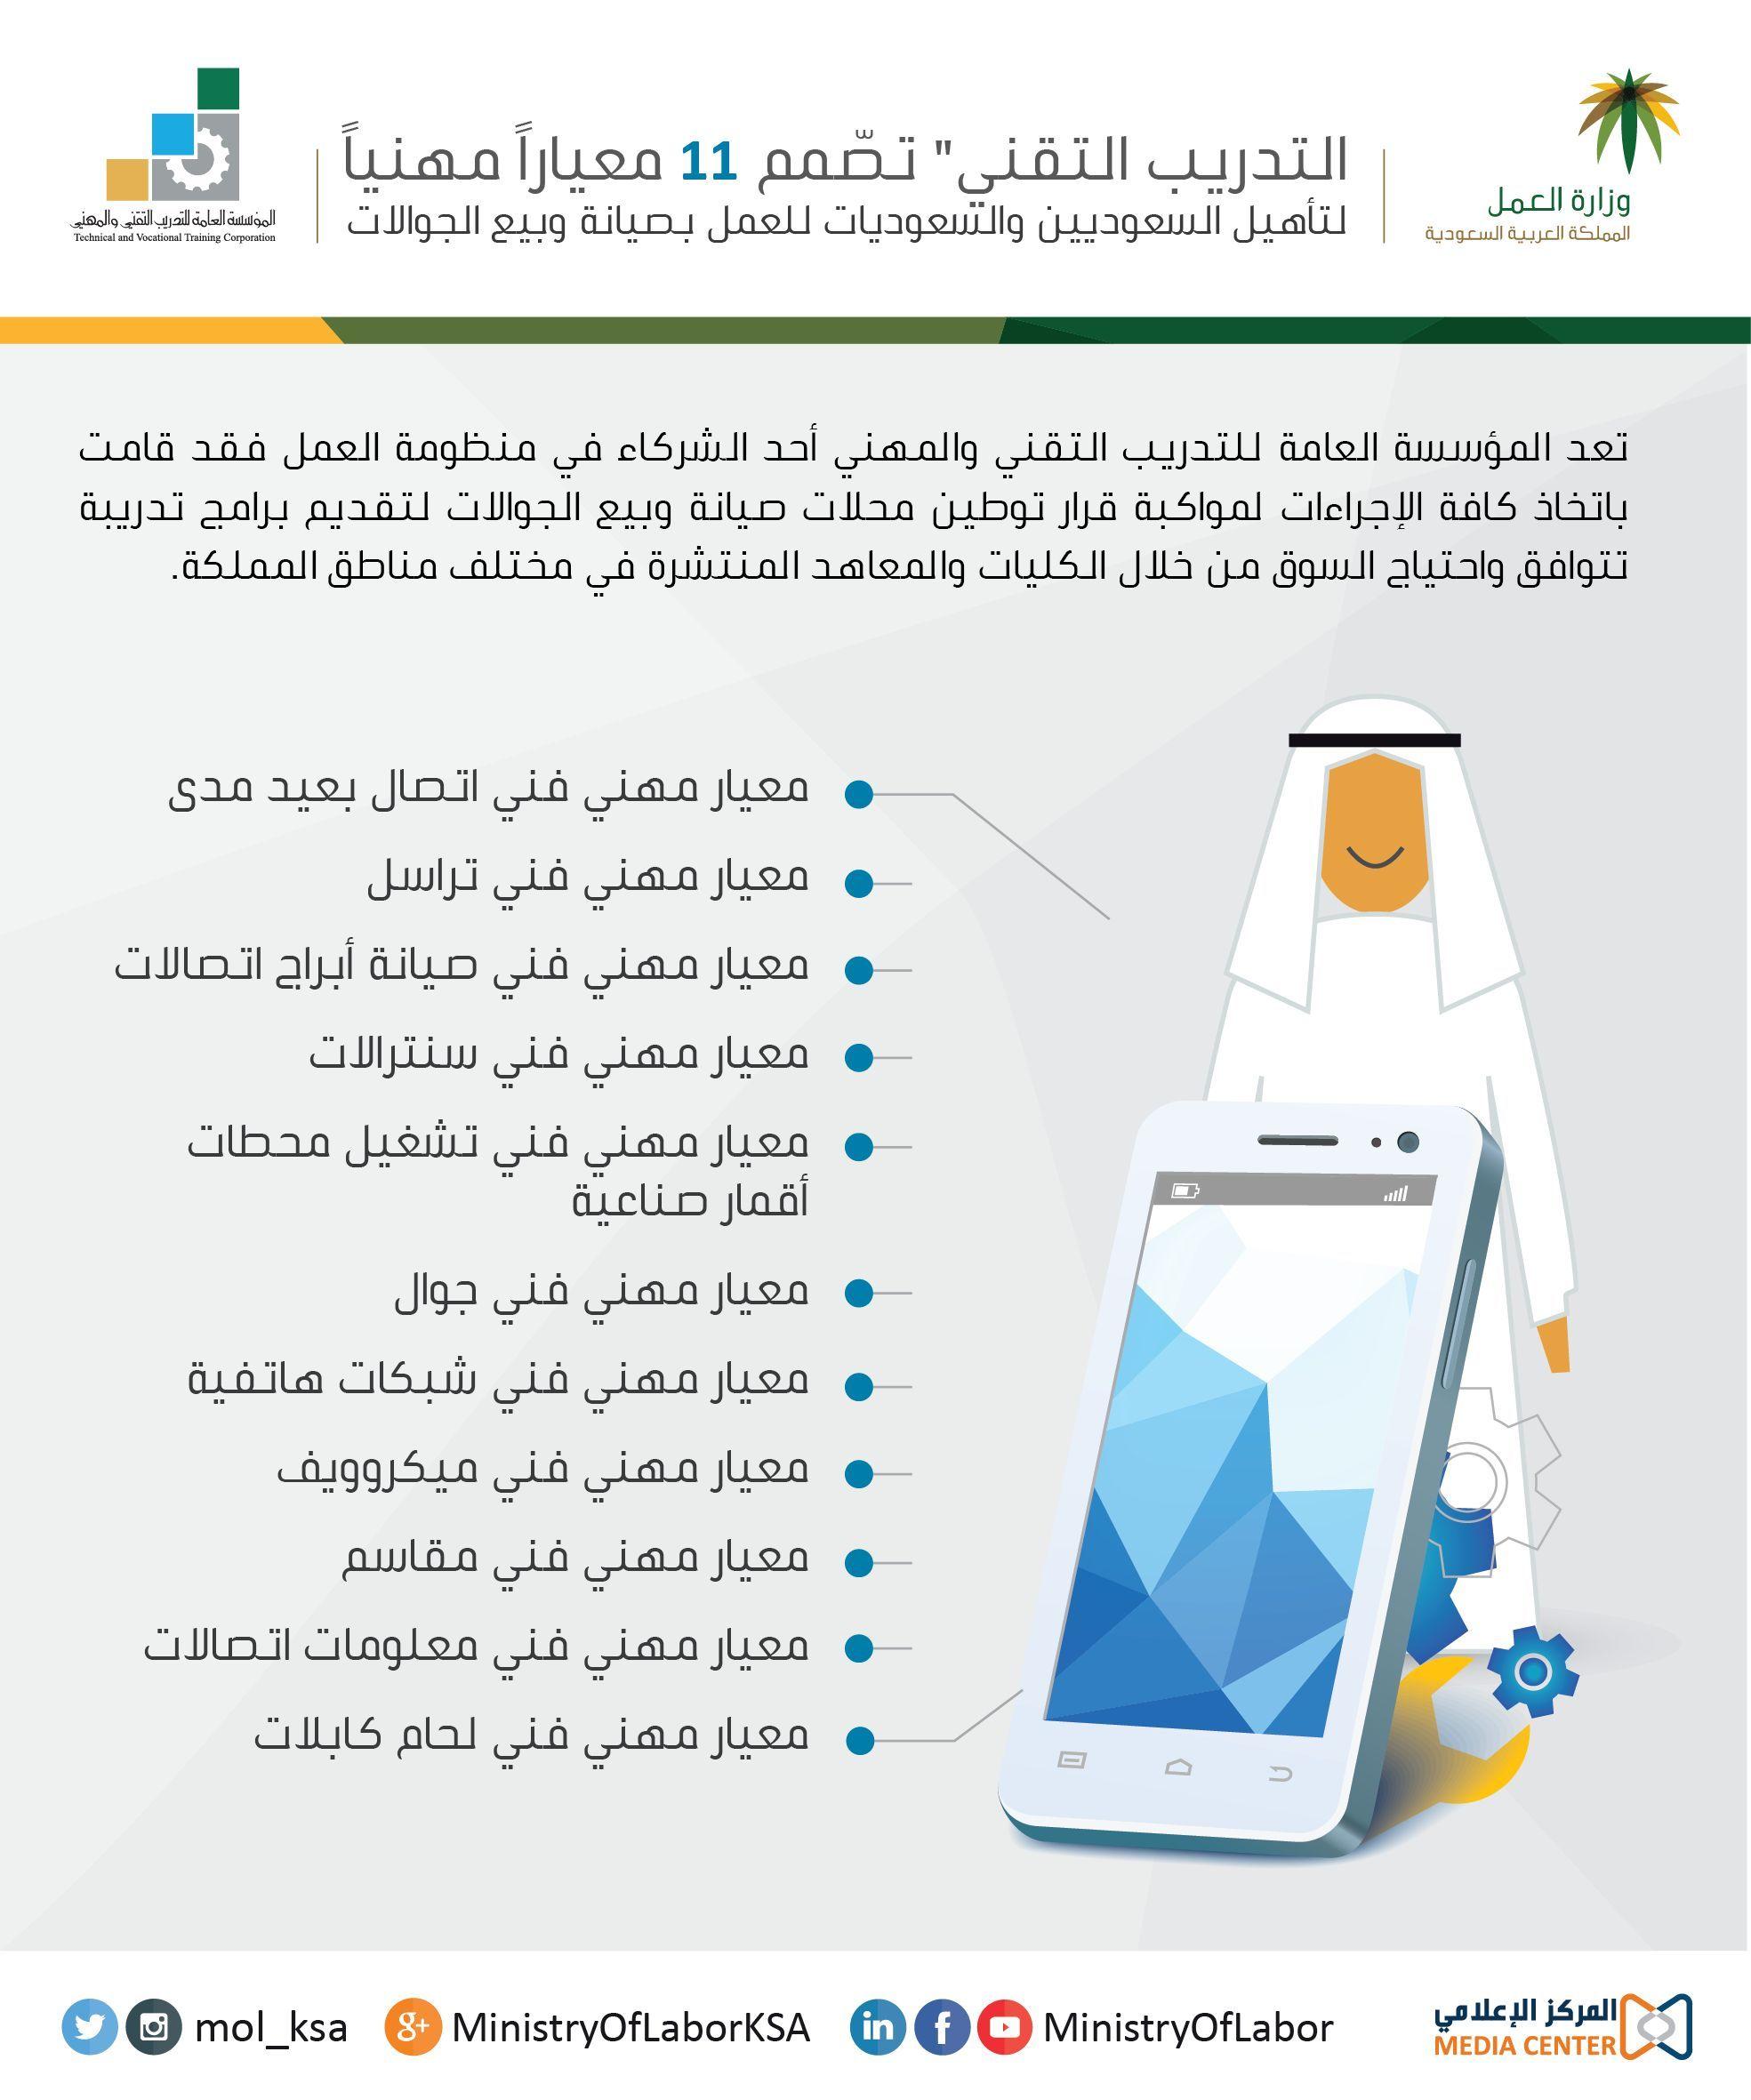 التدريب التقني تص مم معايير مهنية تؤهل السعوديين للعمل في الجوالات Wino Site Map Screenshot